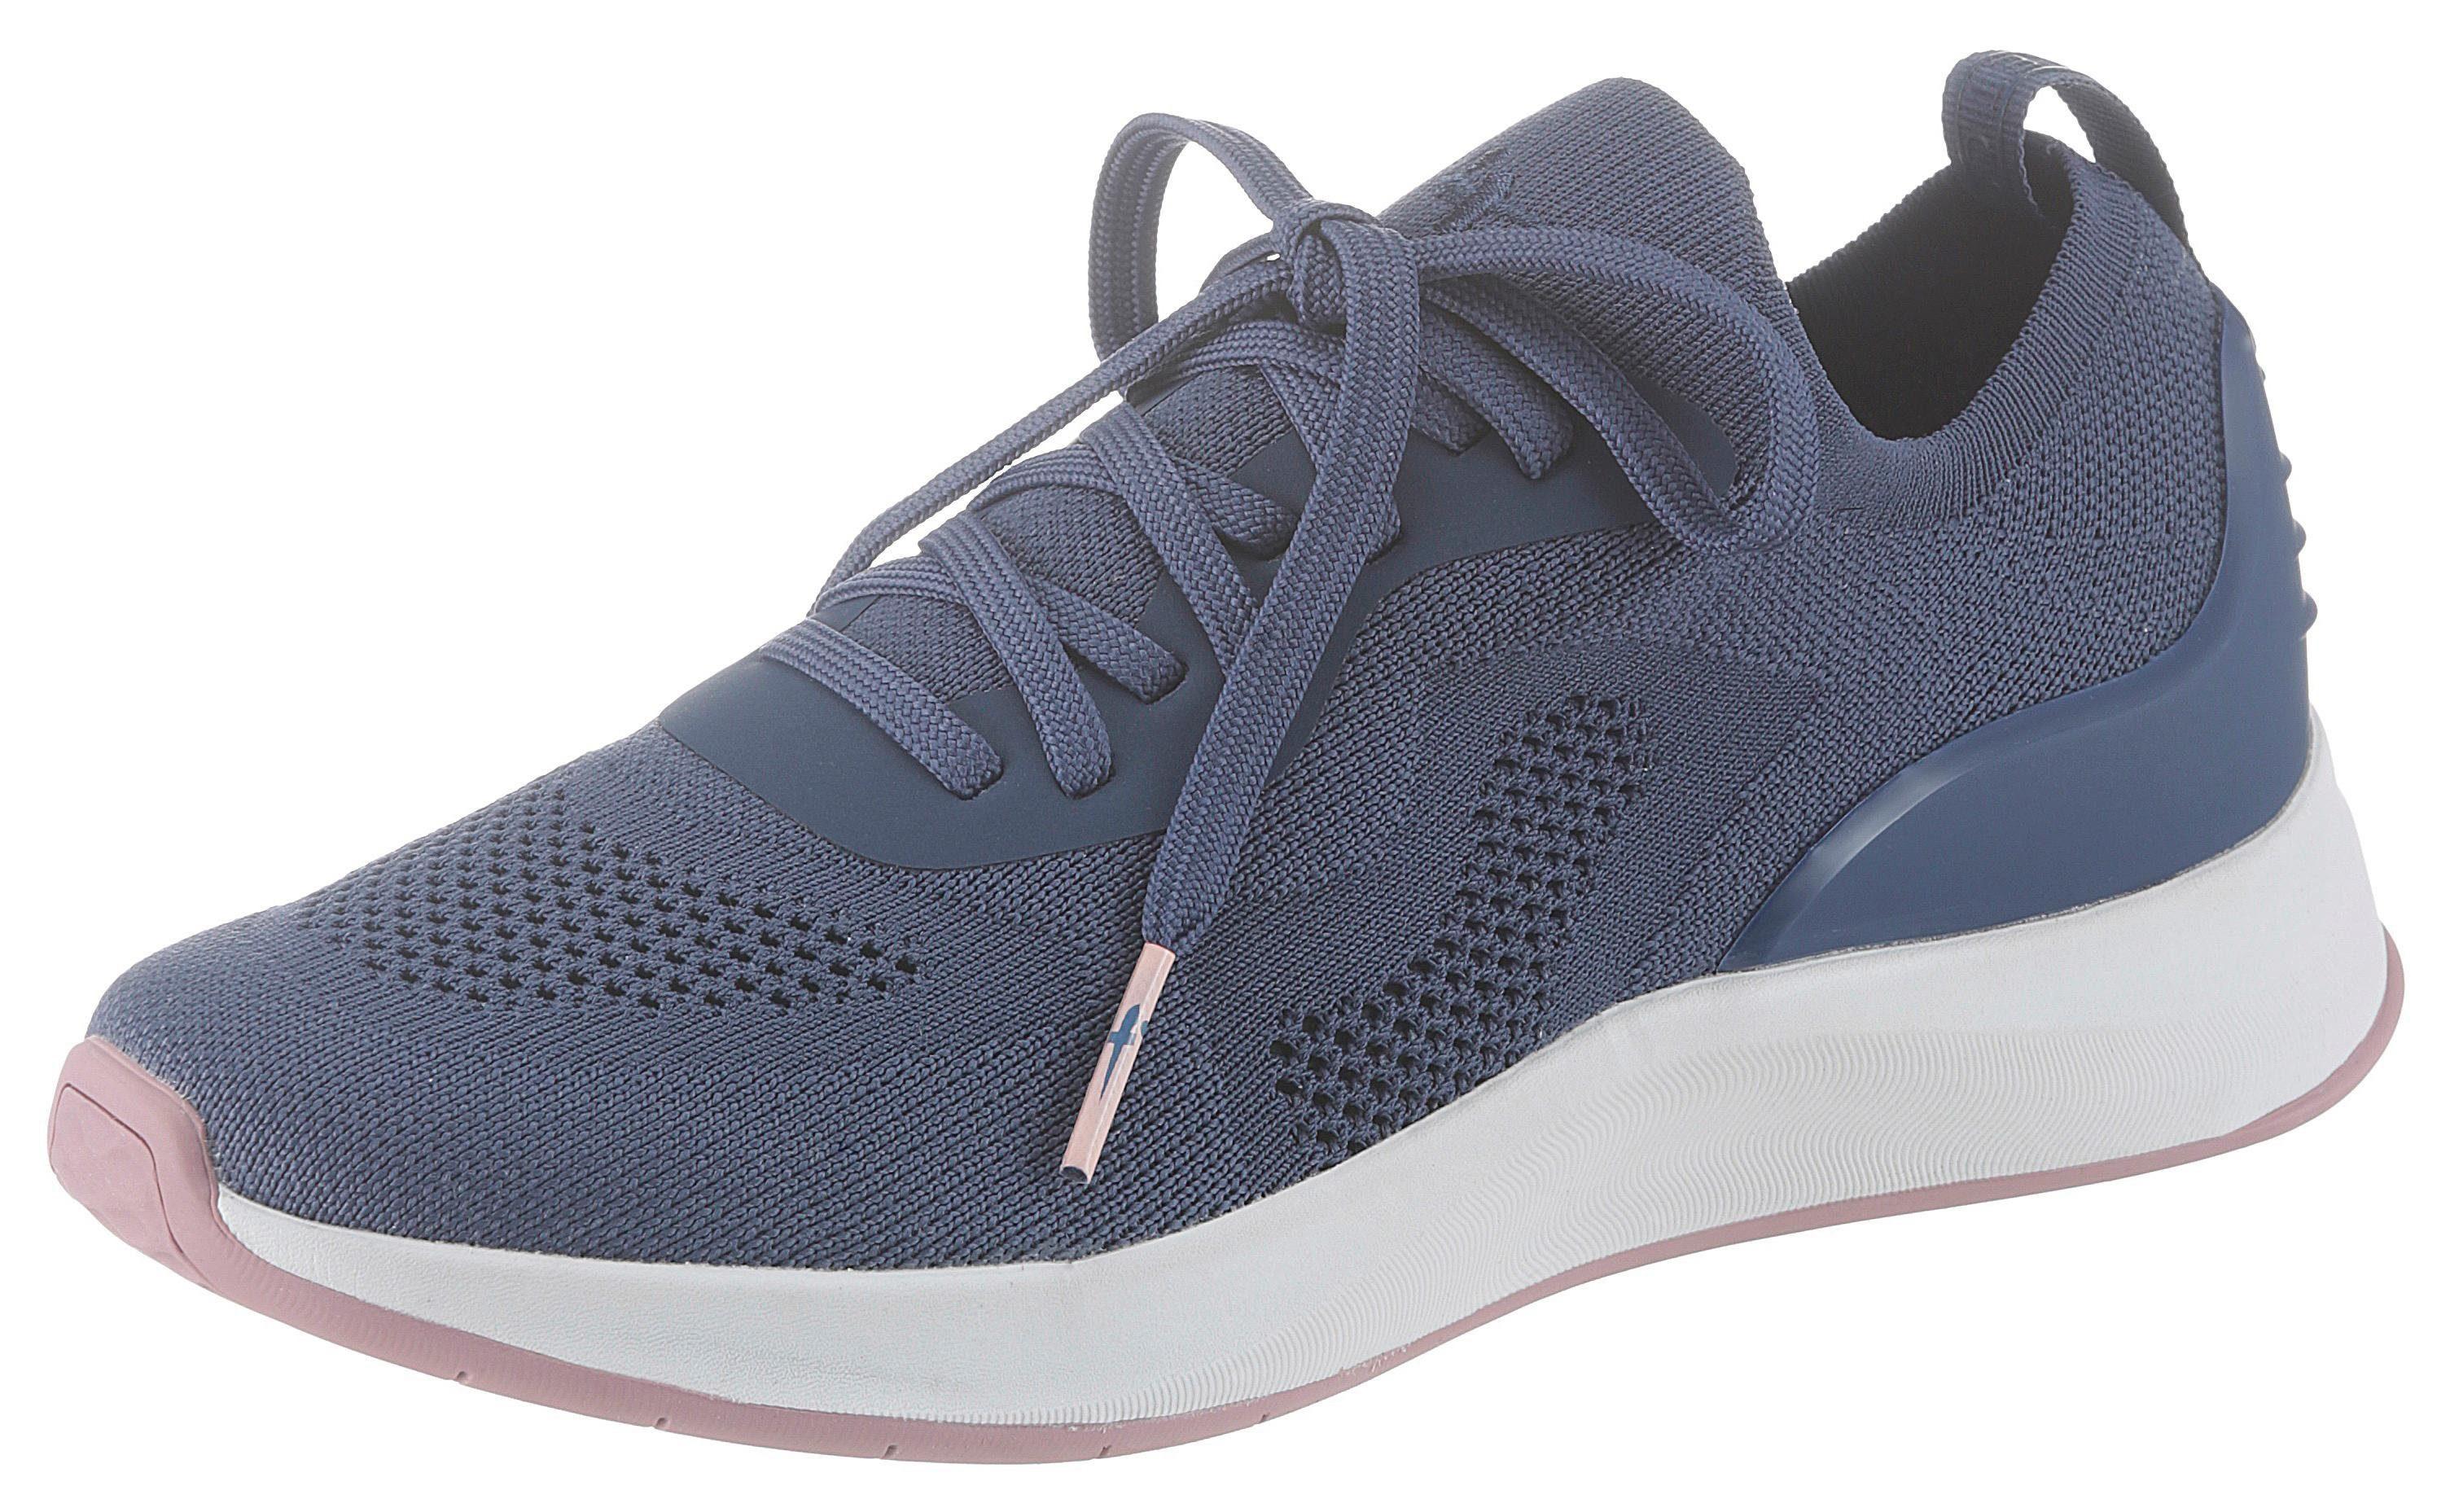 Tamaris »Fashletics« Slip On Sneaker mit aufgesetzter Schnürung online kaufen | OTTO